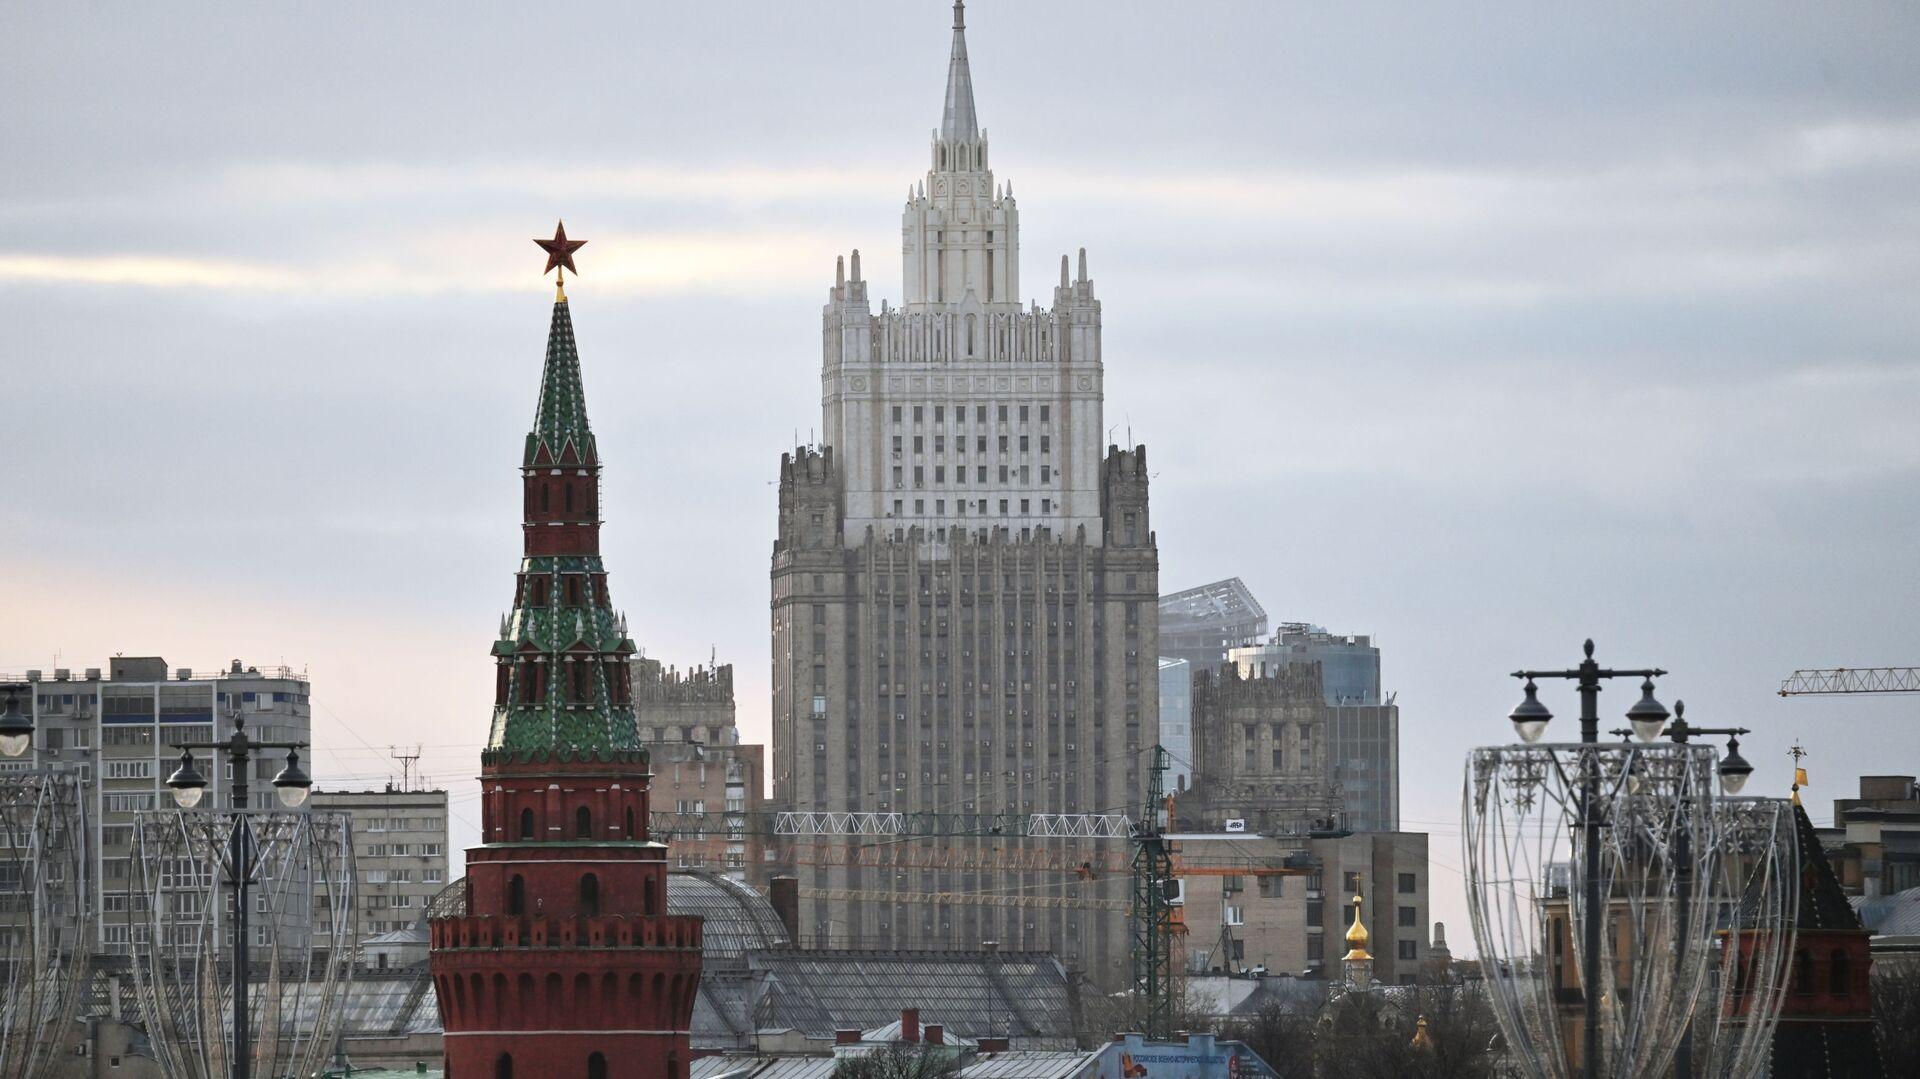 El edificio del Ministerio de Asuntos Exteriores ruso y una de las torres del Kremlin - Sputnik Mundo, 1920, 01.03.2021